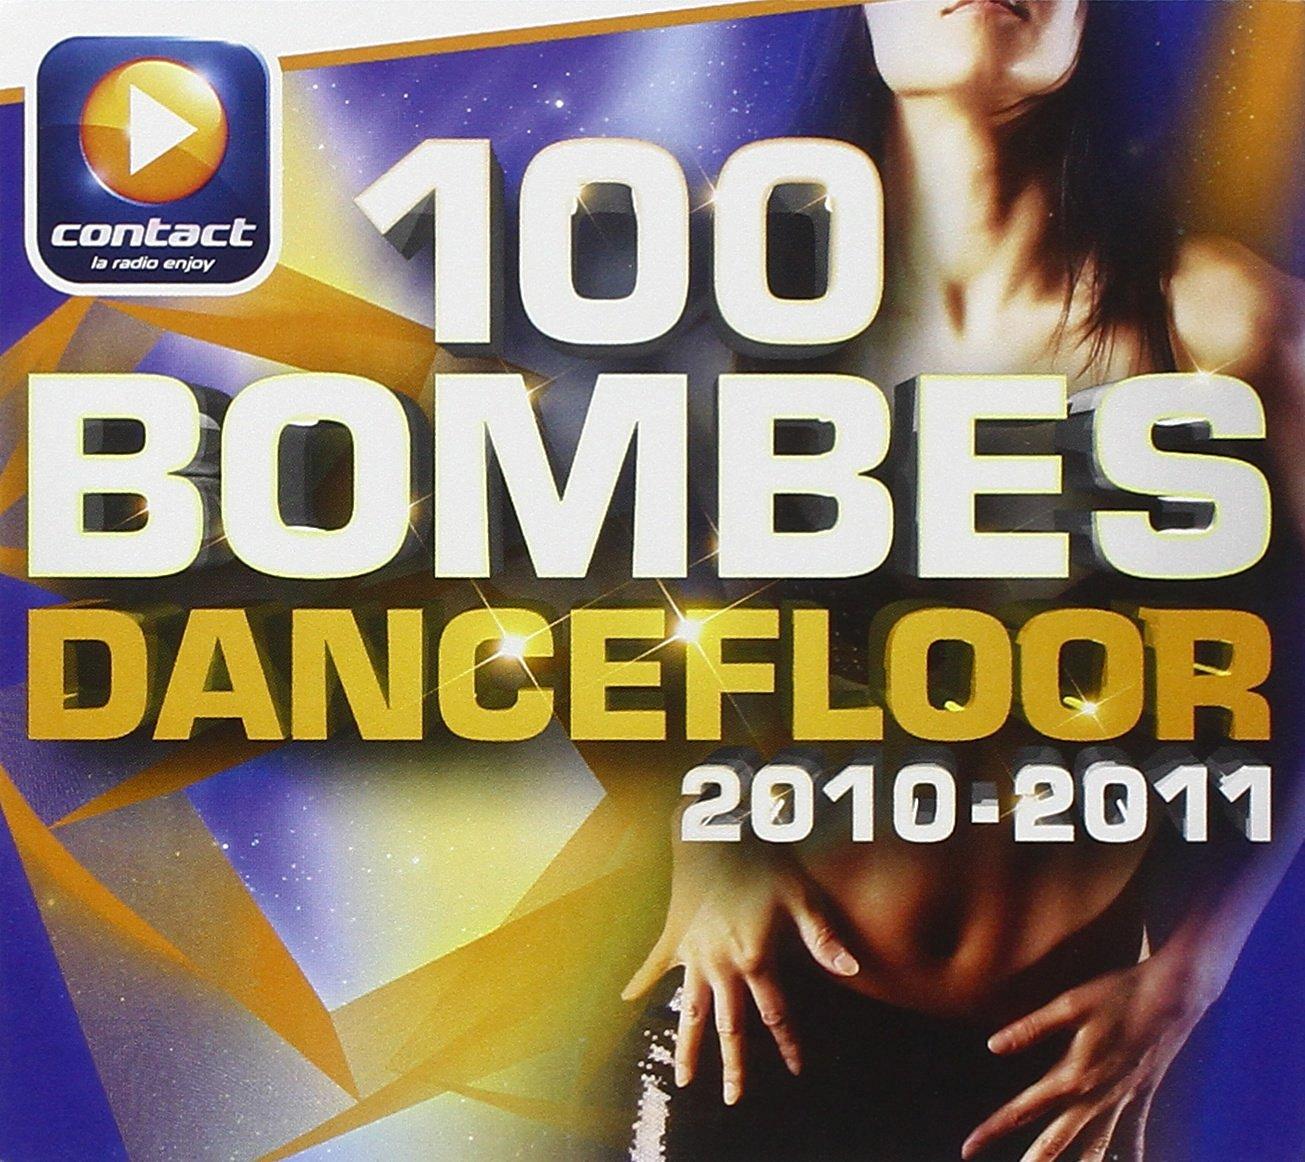 Audio Cd 100 Bombes Dancefloor 2010-2011 / Various (5 Cd) NUOVO SIGILLATO, EDIZIONE DEL 26/02/2013 SUBITO DISPONIBILE